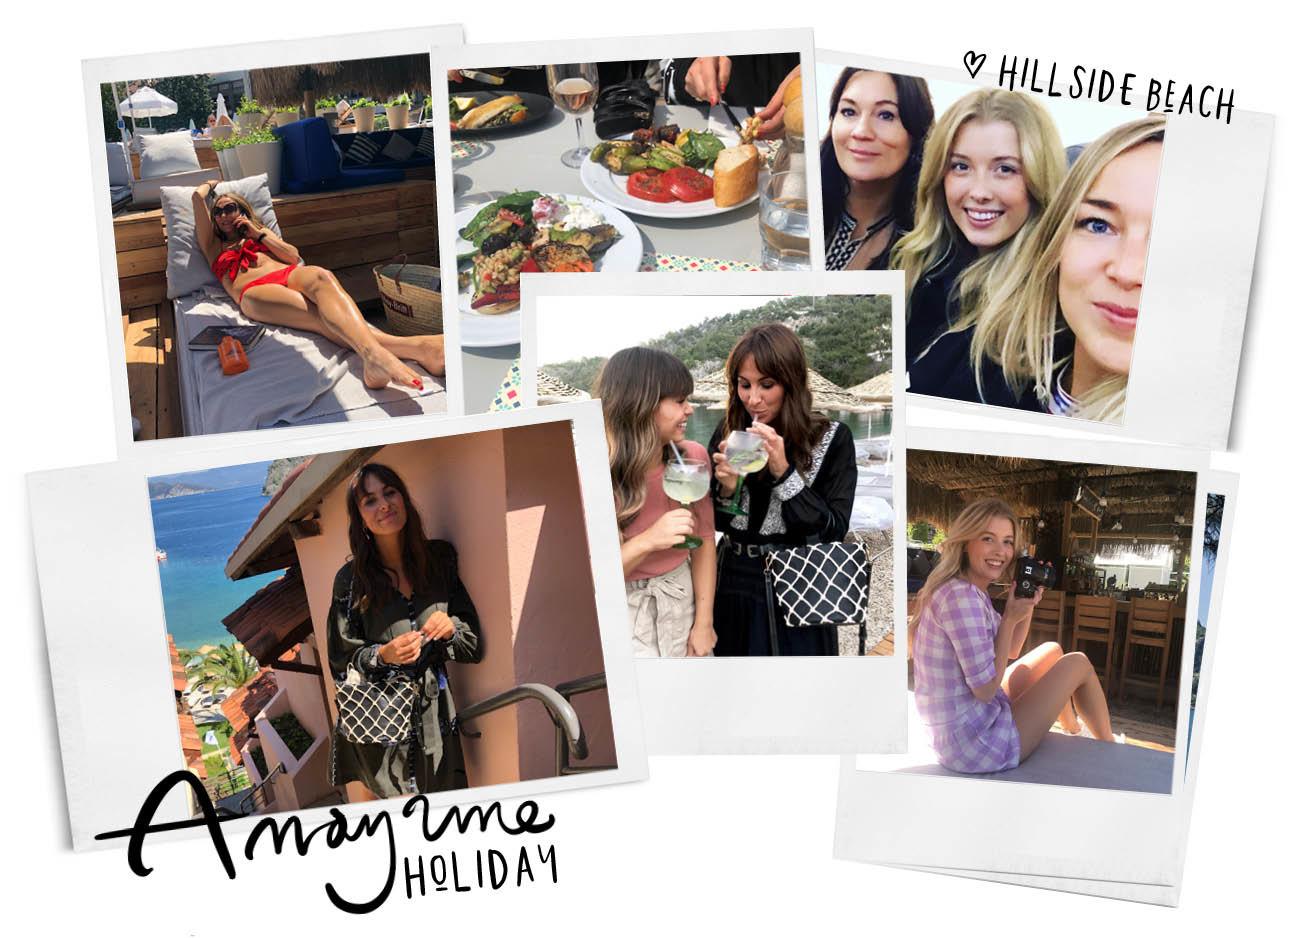 amayzine goes hillside, team amayzine in turkije, adeline, annabelle, en daan in het vliegtuig, lilian bij een roze muur, may-britt aan het zonnen, annabelle in paarse outfit van OU-boutique, eten, kiki en lilian drinken cocktails